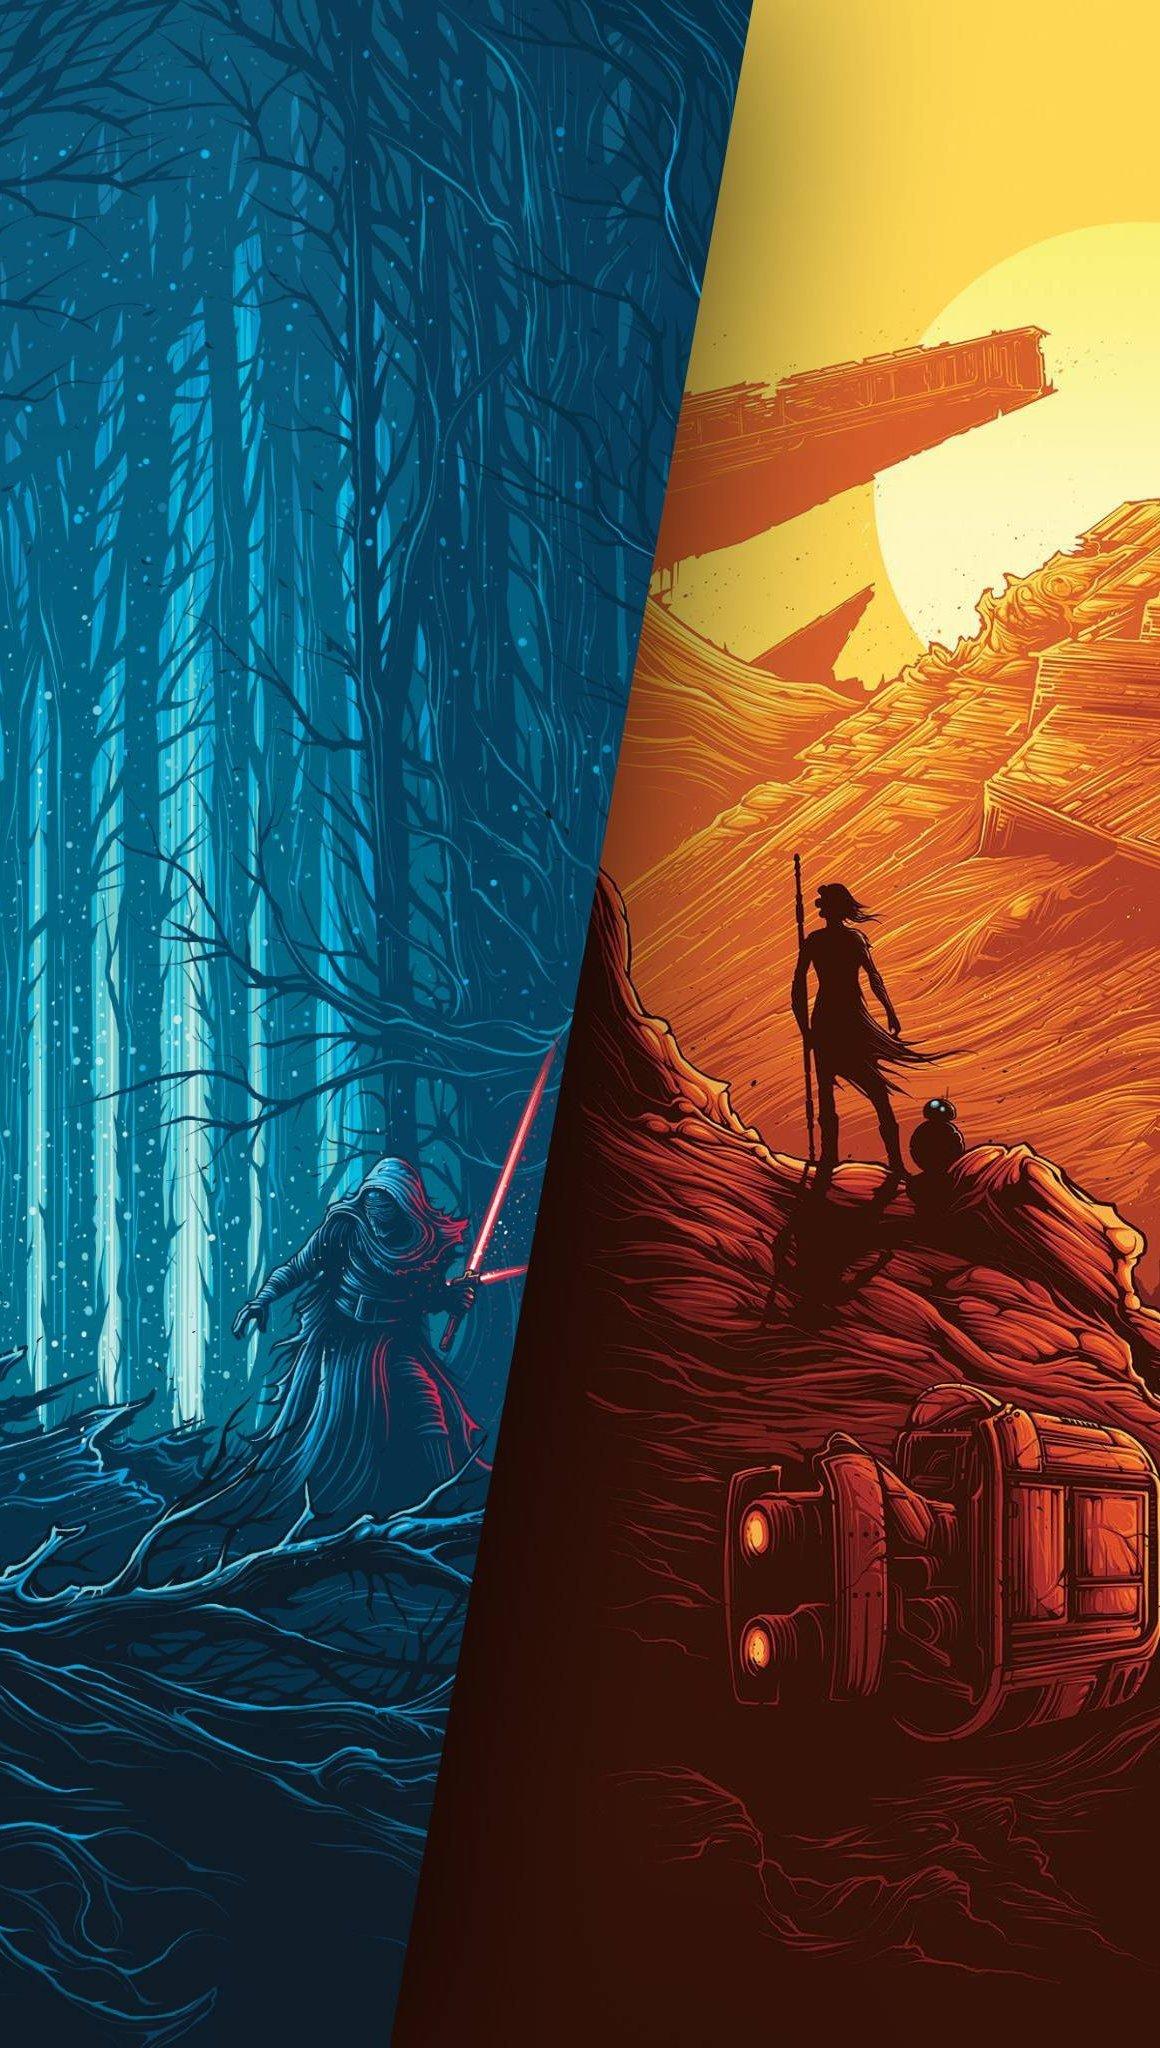 Fondos de pantalla Star Wars El despertar de la Fuerza Poster Vertical